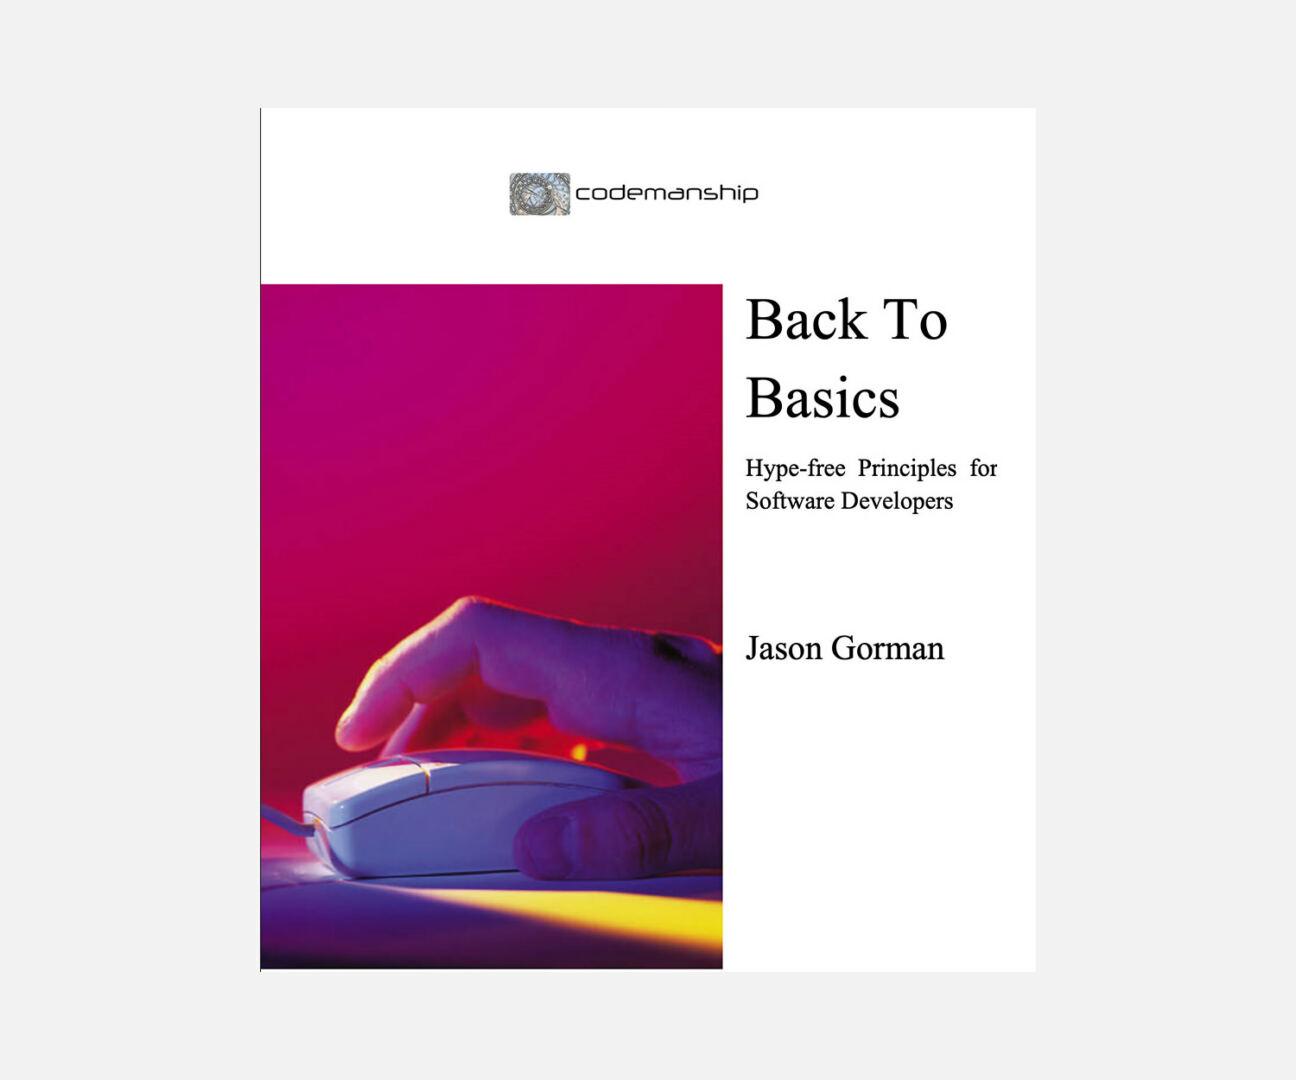 Back-To-Basics